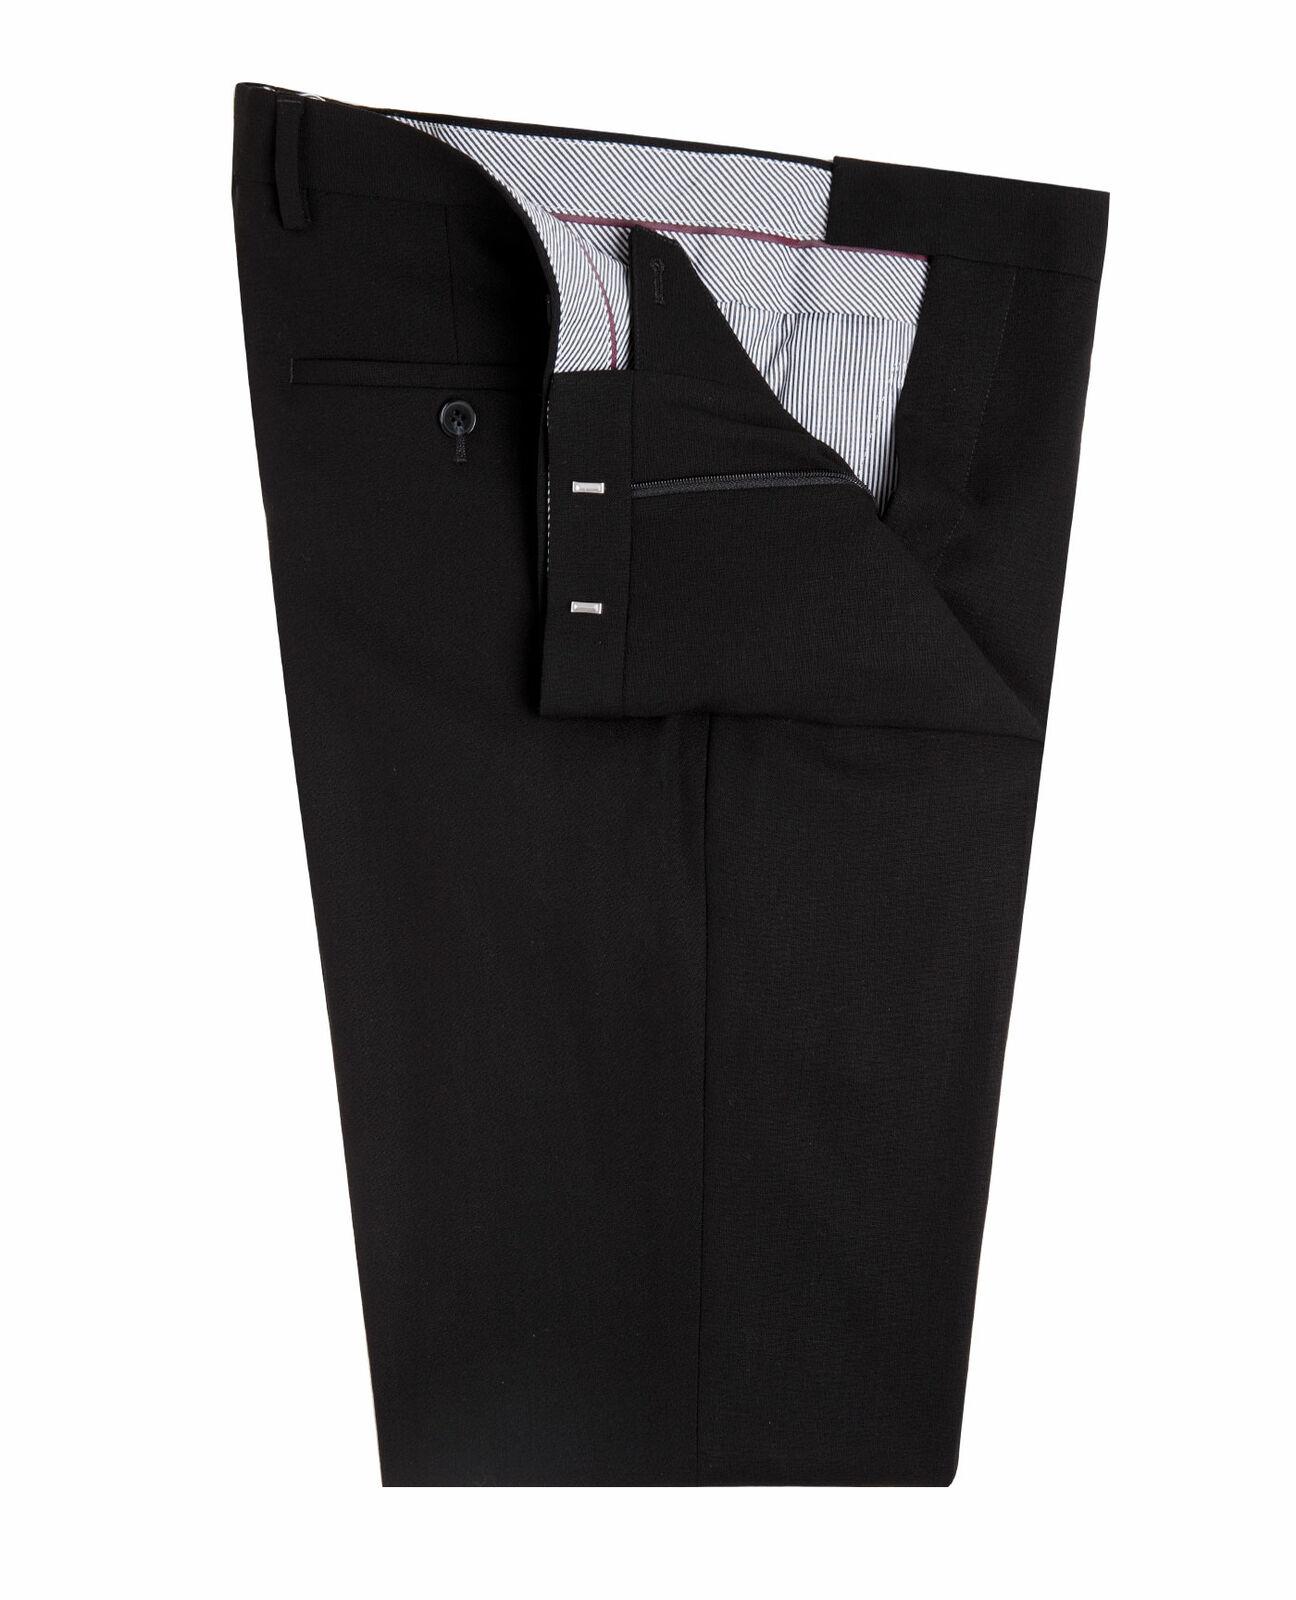 Pants Bishopsgate Black Regular Fit Infinity T.M.Lewin Men/'s Suit Trousers